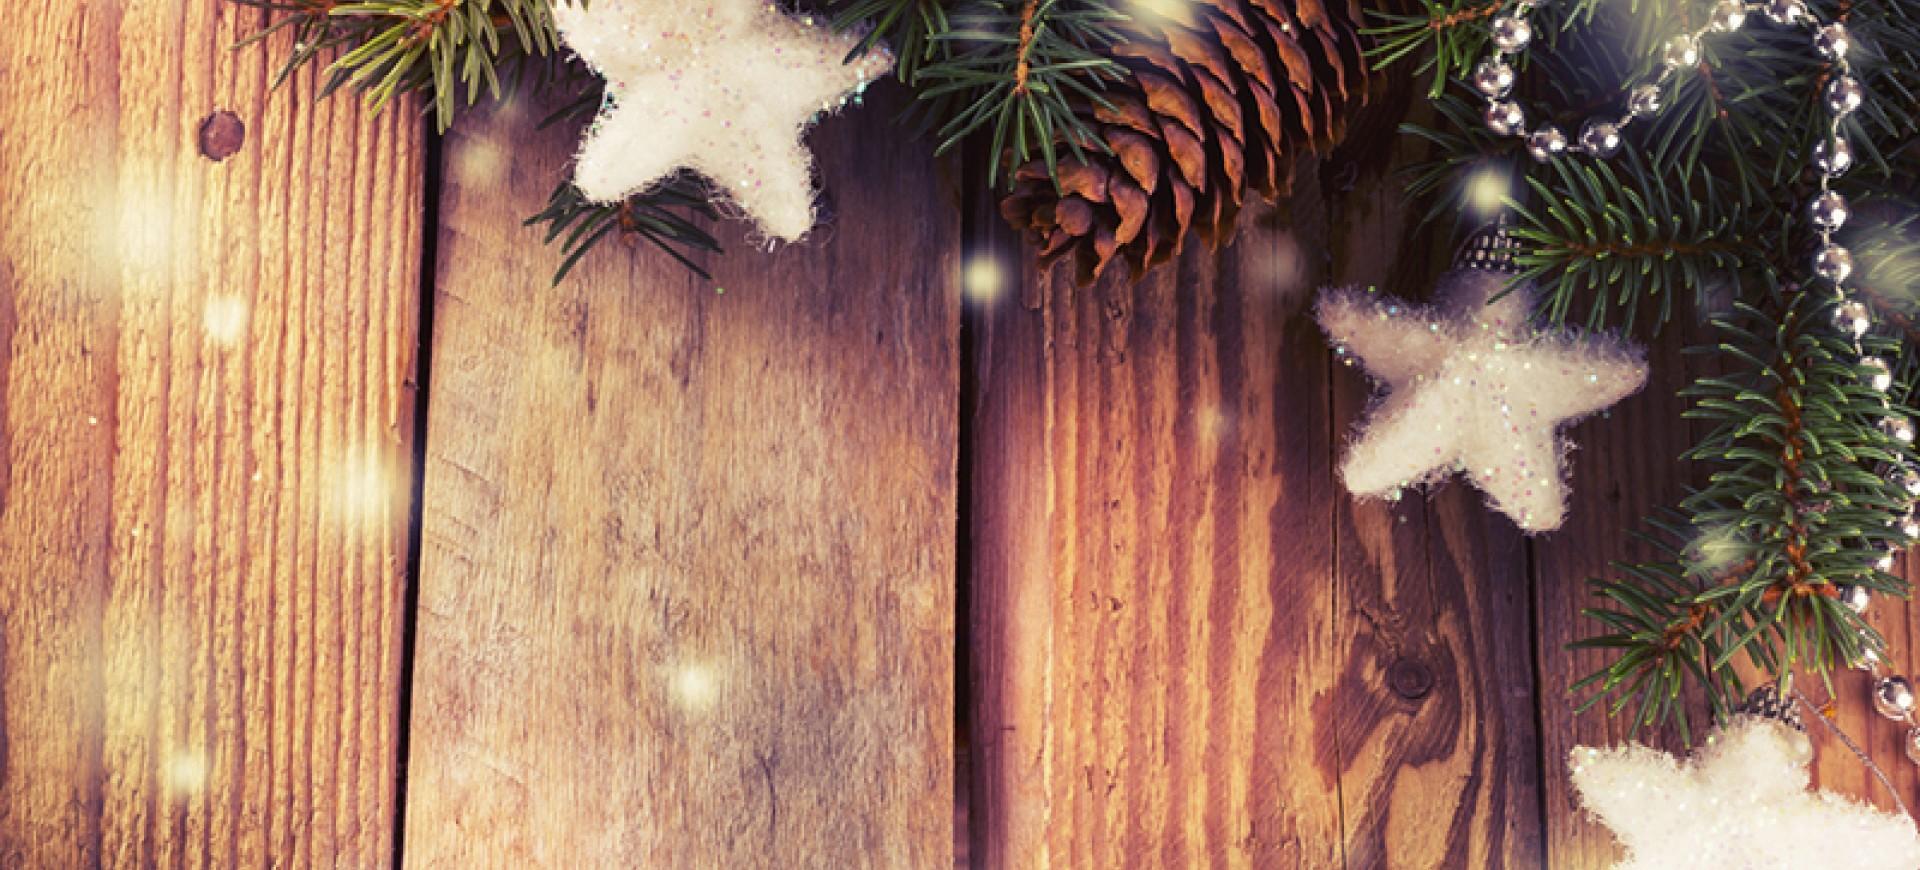 wie kann man weihnachten mit der familie feiern. Black Bedroom Furniture Sets. Home Design Ideas